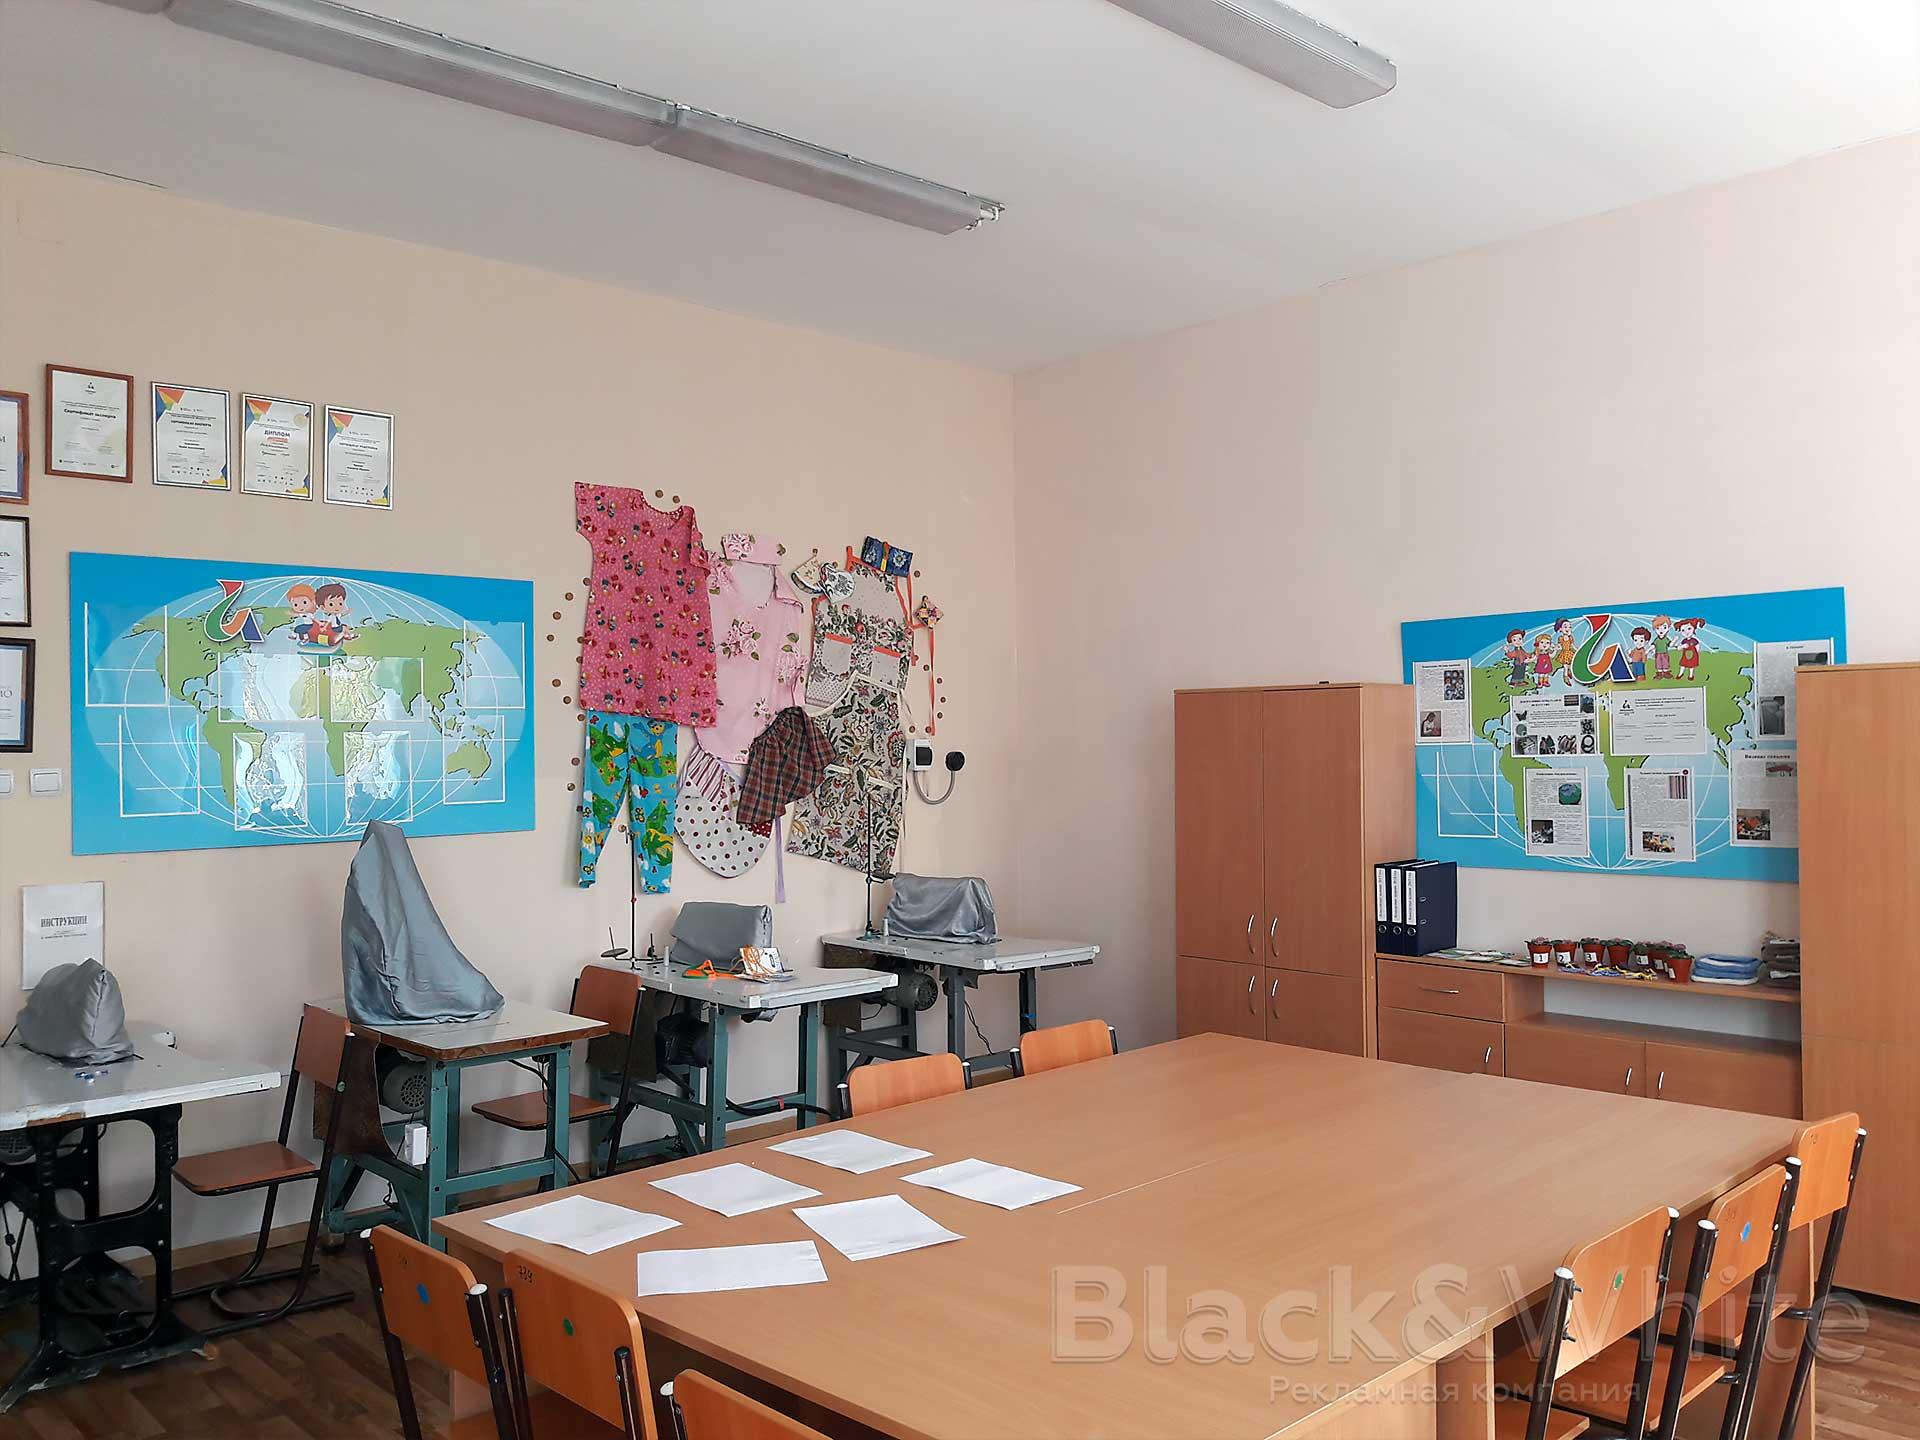 Изготовление-на-заказ-стенды-для-школ-и-детских-садов-в-Красноярске-bw.jpg